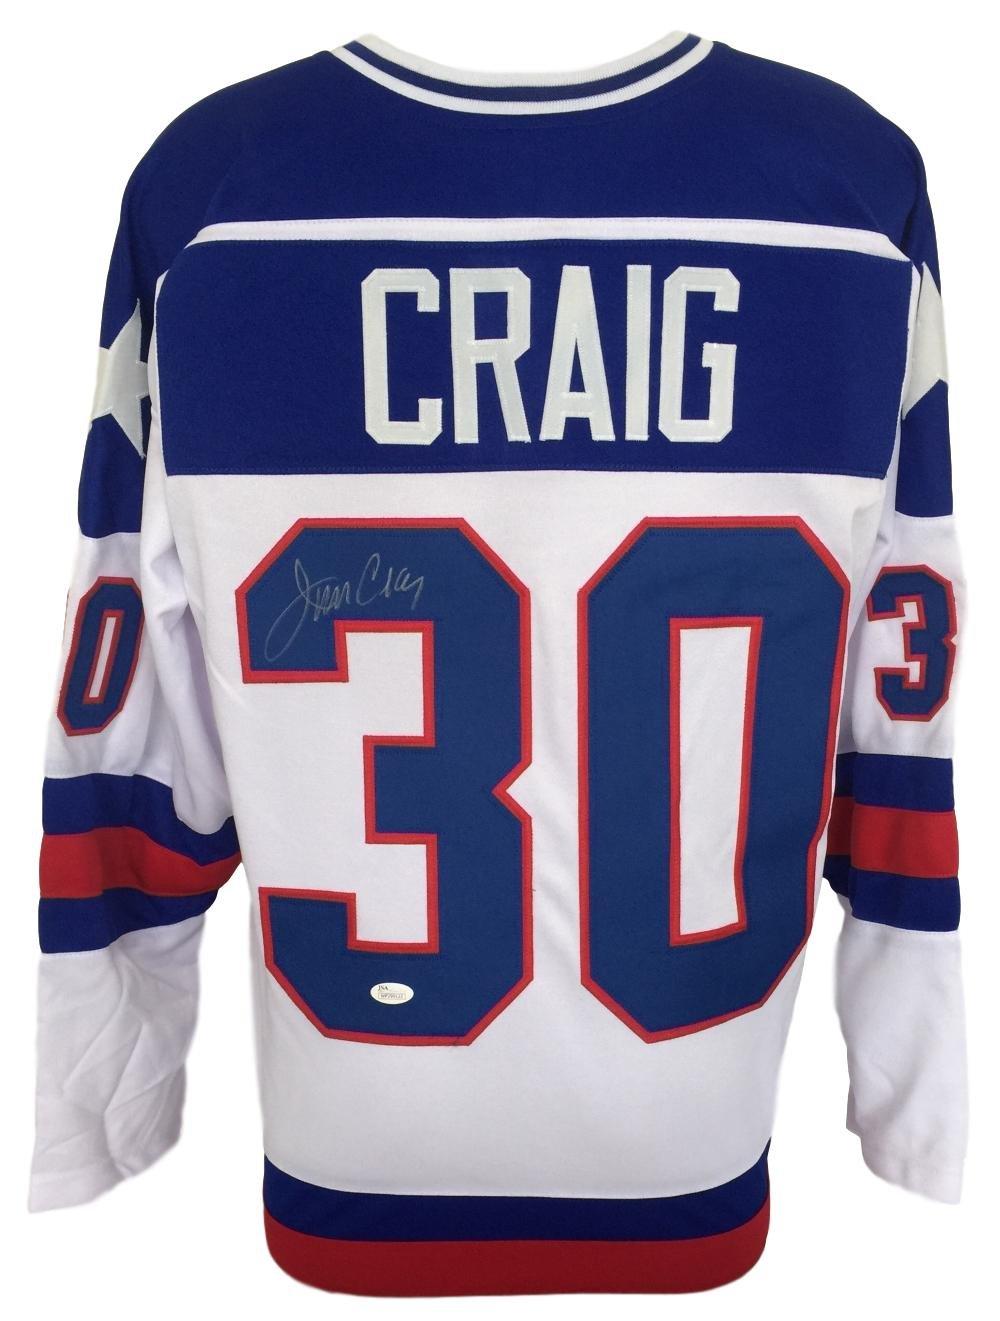 Jim Craig USA Signed Custom White 1980 Miracle on Ice...